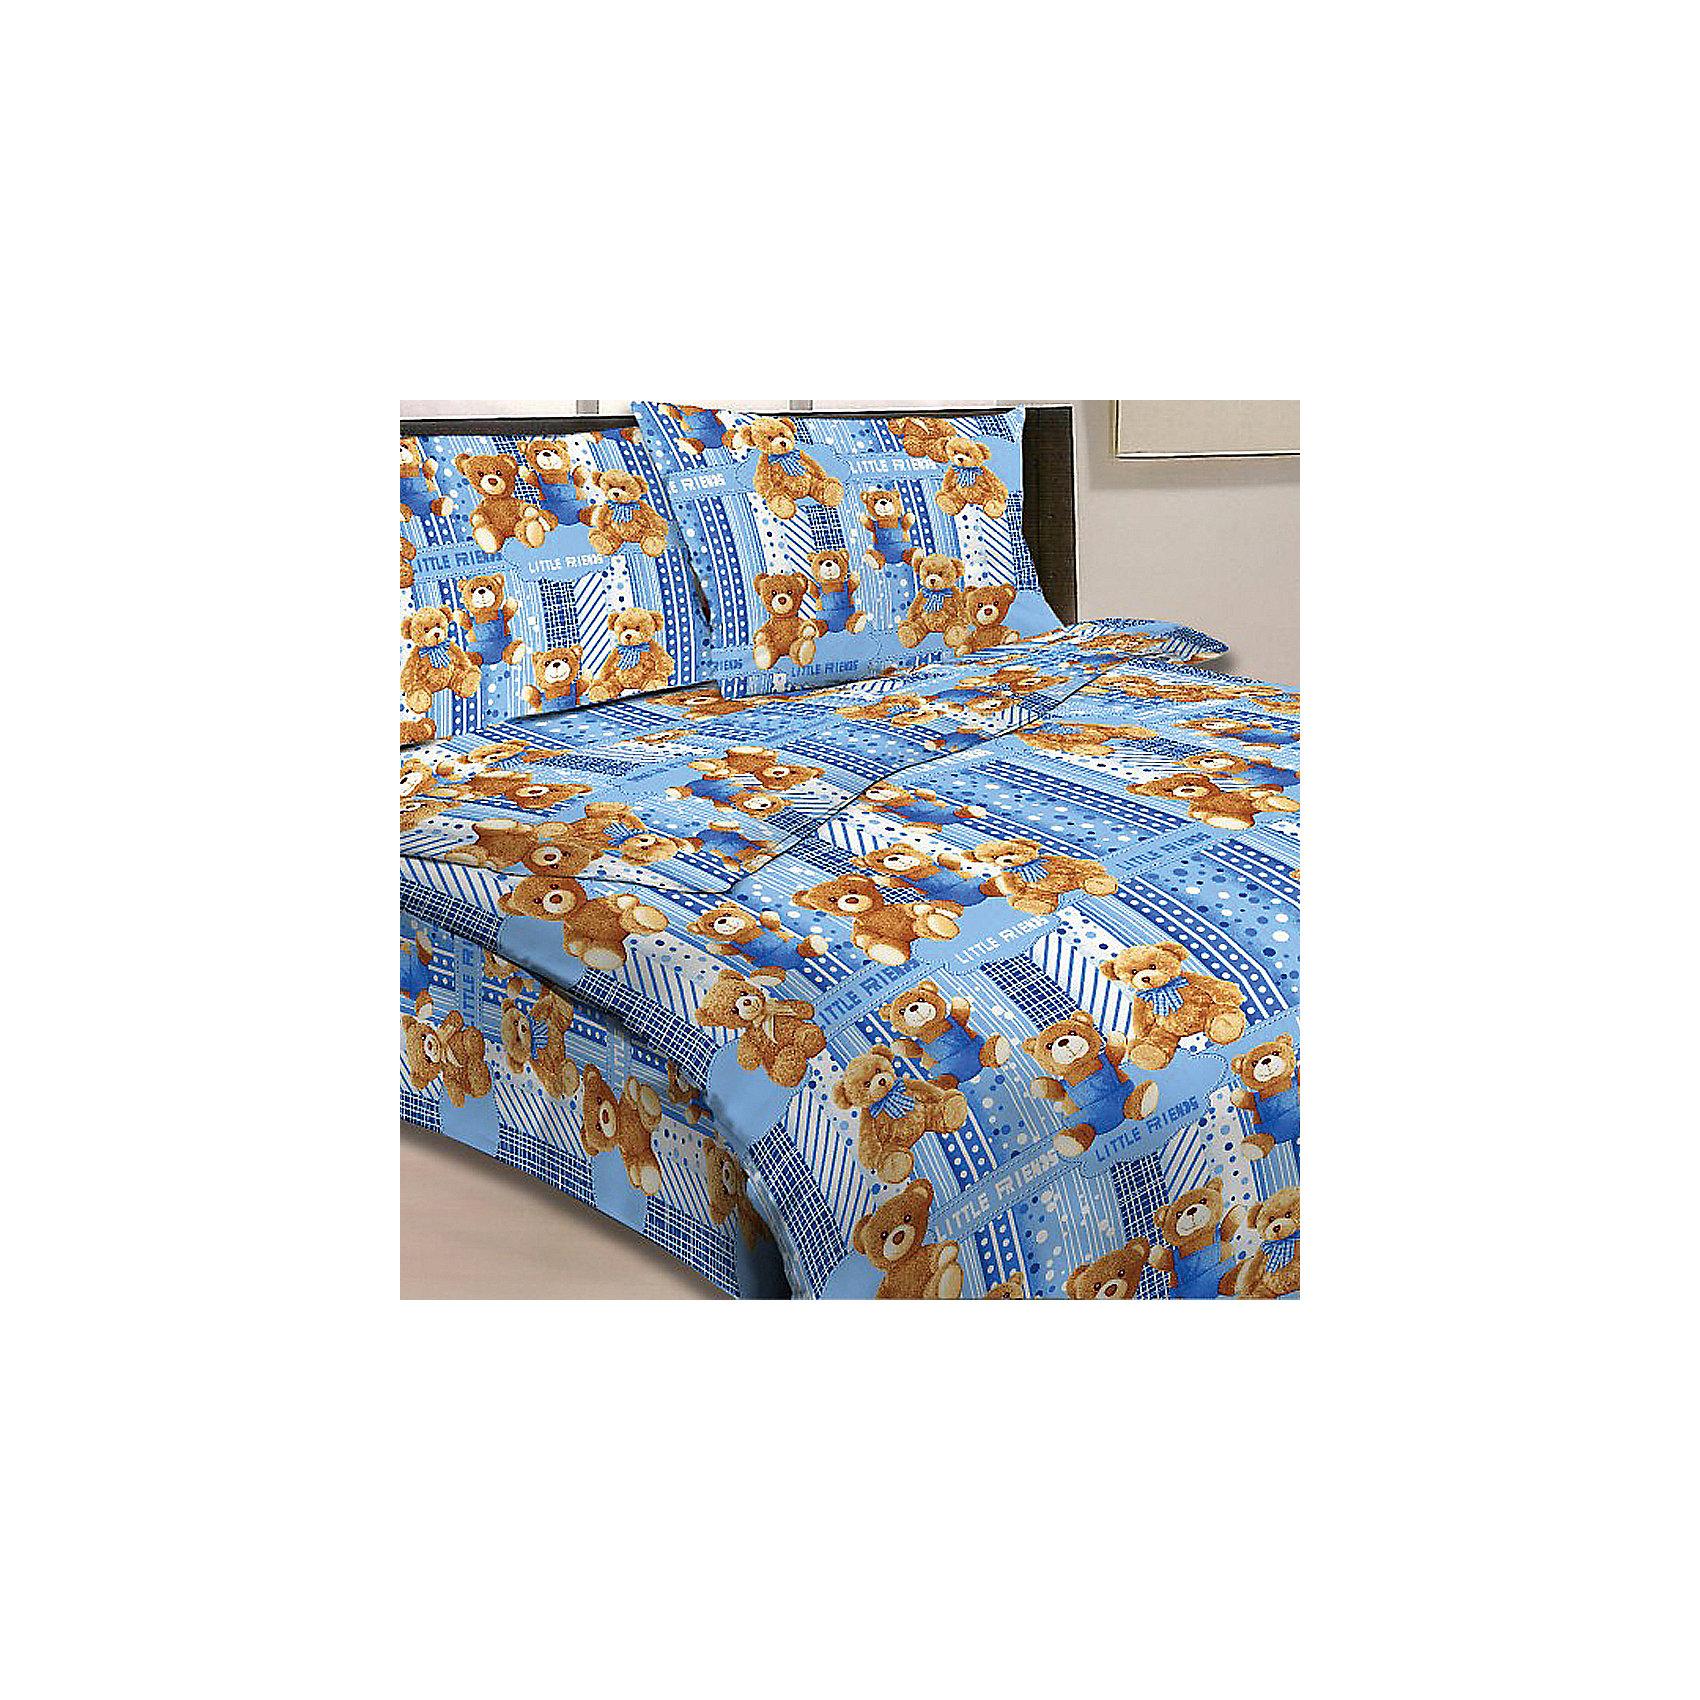 Голубой комплект Мишки 1,5-спальный (наволочка 50х70см), LettoДомашний текстиль<br>С комплектом постельного белья Мишки, Letto, Ваш ребенок с удовольствием будет укладываться в свою кроватку и видеть чудесные сказочные сны. Комплект выполнен в приятных голубых тонах и украшен изображениями очаровательных плюшевых мишек Тедди. Материал представляет собой качественную плотную бязь, очень комфортную и приятную на ощупь. Ткань отвечает всем экологическим нормам безопасности, дышащая, гипоаллергенная, не нарушает естественные процессы терморегуляции. При стирке белье не линяет, не деформируется и не теряет своих красок даже после многочисленных стирок. Можно стирать в машинке в деликатном режиме 30-40 градусов.<br><br>Дополнительная информация:<br><br>- Размер комплекта: полутораспальный.<br>- Тип ткани: бязь (100% хлопок).<br>- В комплекте: 1 наволочка, 1 пододеяльник, 1 простыня.<br>- Размер пододеяльника: 143 х 215 см.<br>- Размер наволочки: 50 х 70 см.<br>- Размер простыни: 150 х 220 см.<br>- Размер упаковки: 39 х 4 х 28 см.<br>- Вес: 1,4 кг. <br><br>Голубой комплект Мишки 1,5 спальный, Letto, можно приобрести в нашем интернет-магазине.<br><br>Ширина мм: 390<br>Глубина мм: 280<br>Высота мм: 40<br>Вес г: 1400<br>Возраст от месяцев: 36<br>Возраст до месяцев: 120<br>Пол: Унисекс<br>Возраст: Детский<br>SKU: 4053111